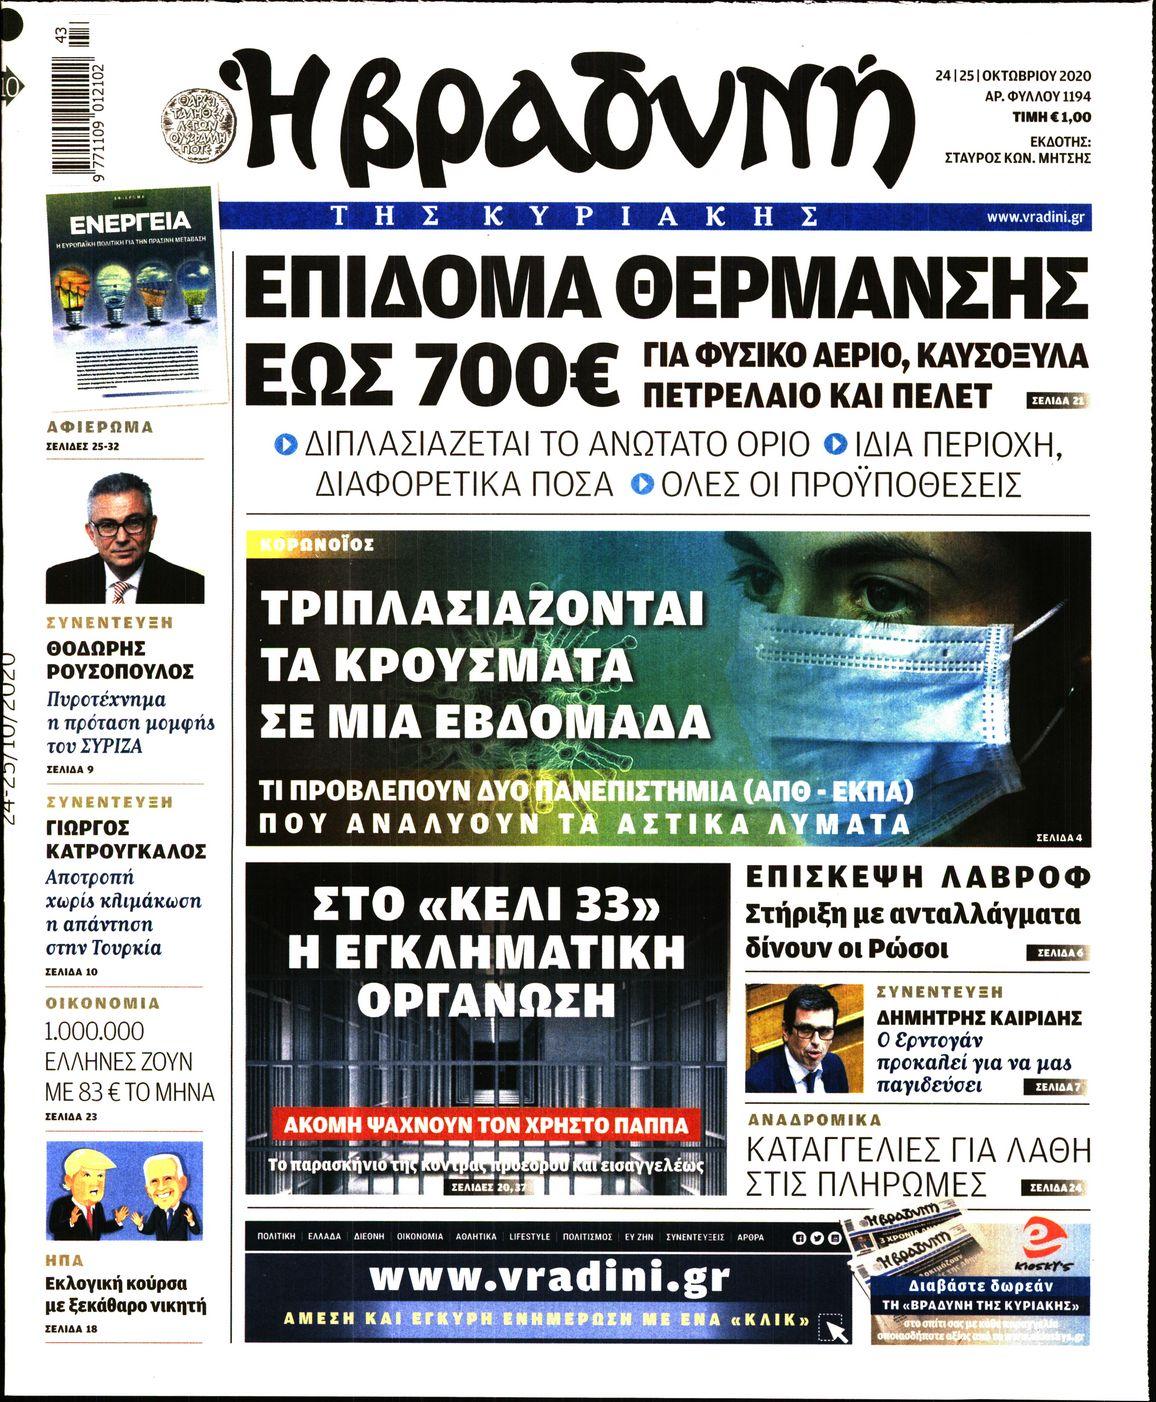 https://www.newsbeast.gr/files/1/newspapers/2020/10/24/27543091_41.jpg